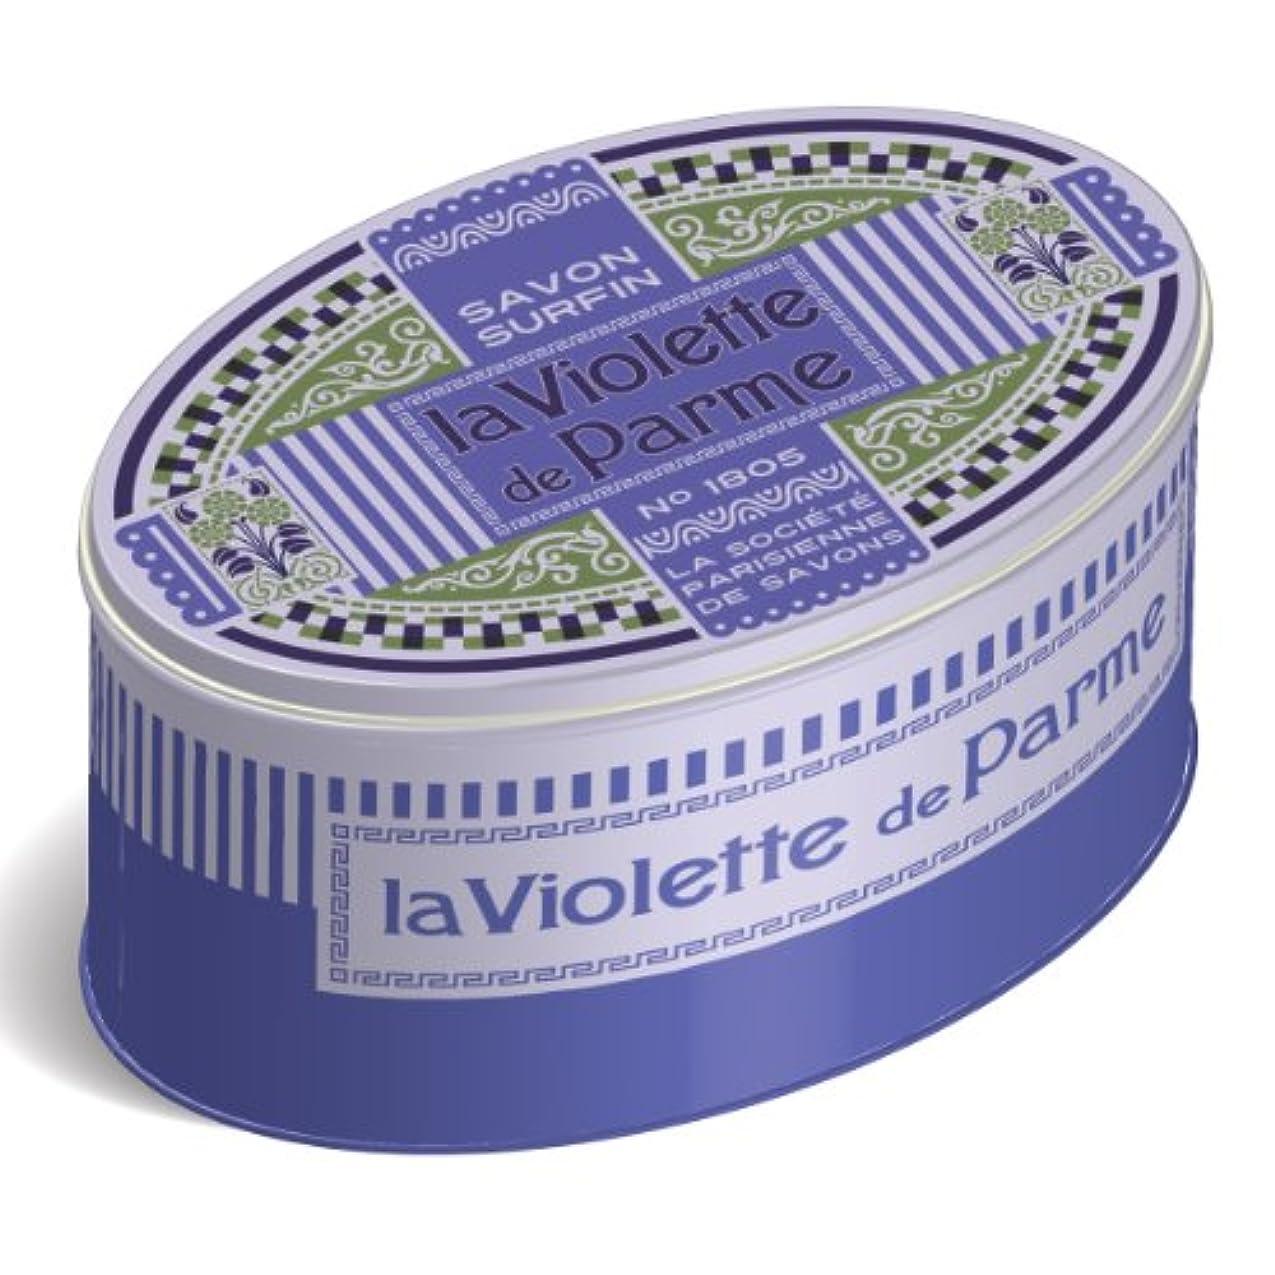 イベント一方、十分ではないLA SOCIETE PARISIENNE DE SAVONS フレグランスソープ(缶入) 250g 「ラヴィオットデパルム」 3440576130614